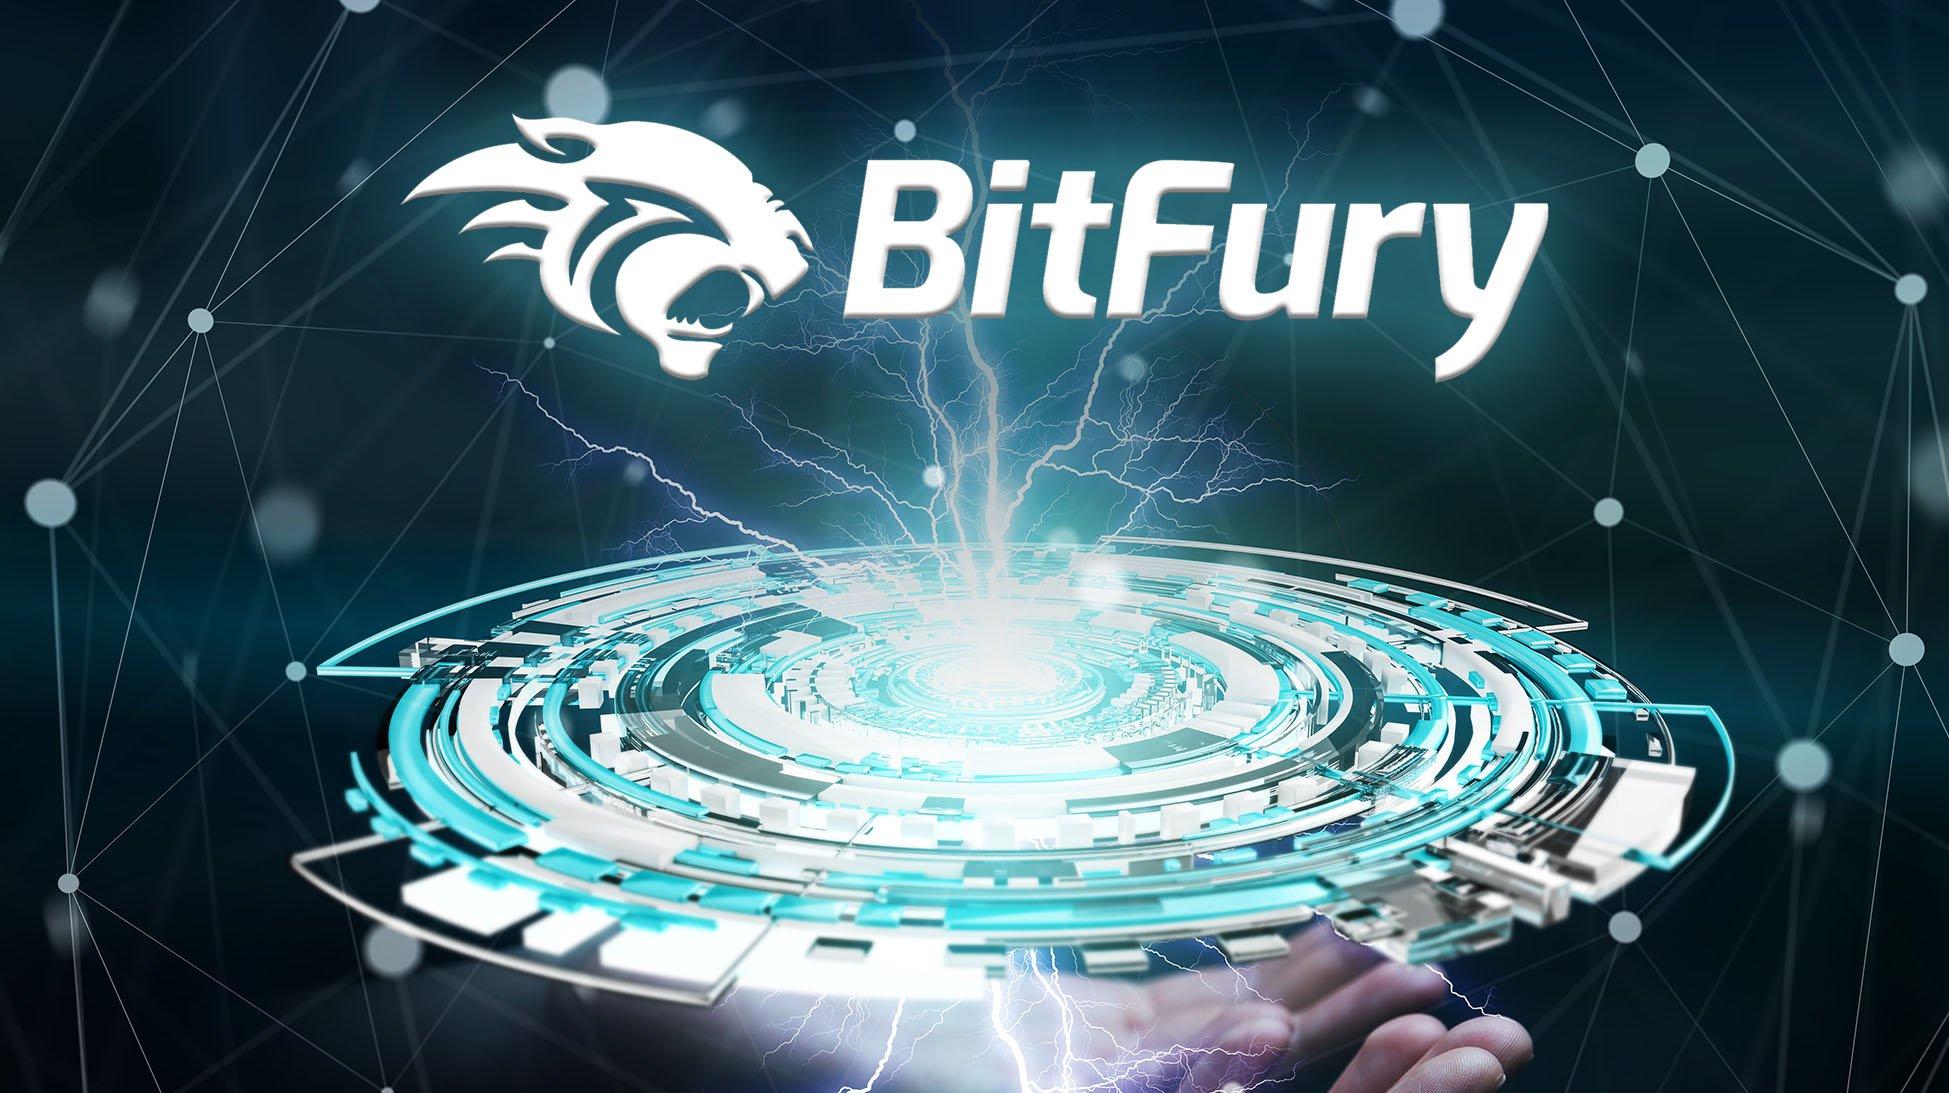 CEO Bitfury xác nhận có kế hoạch IPO, tham vọng thống trị Châu Âu với định giá 1 tỷ bảng Anh